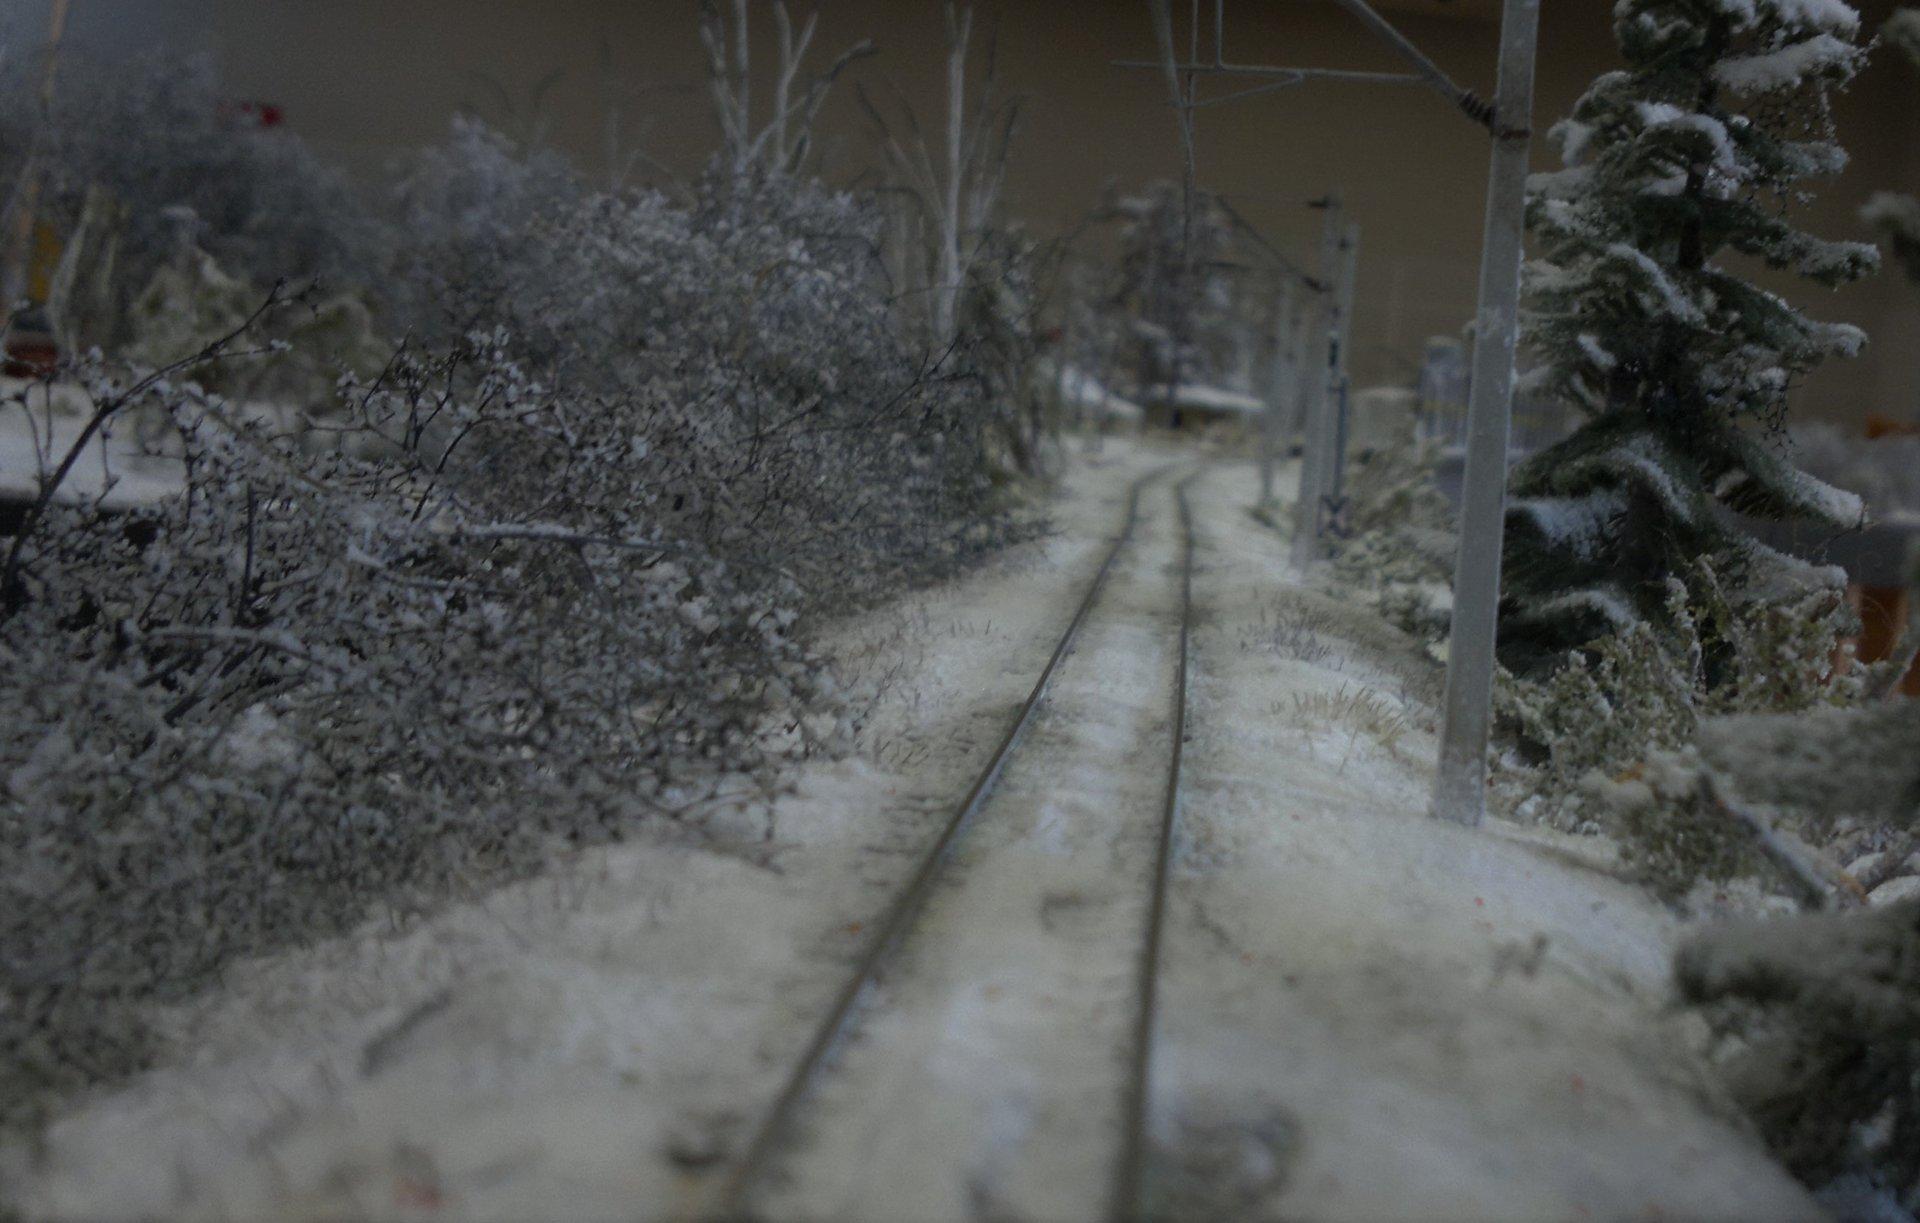 Zimowy szlak pochmurny.jpg